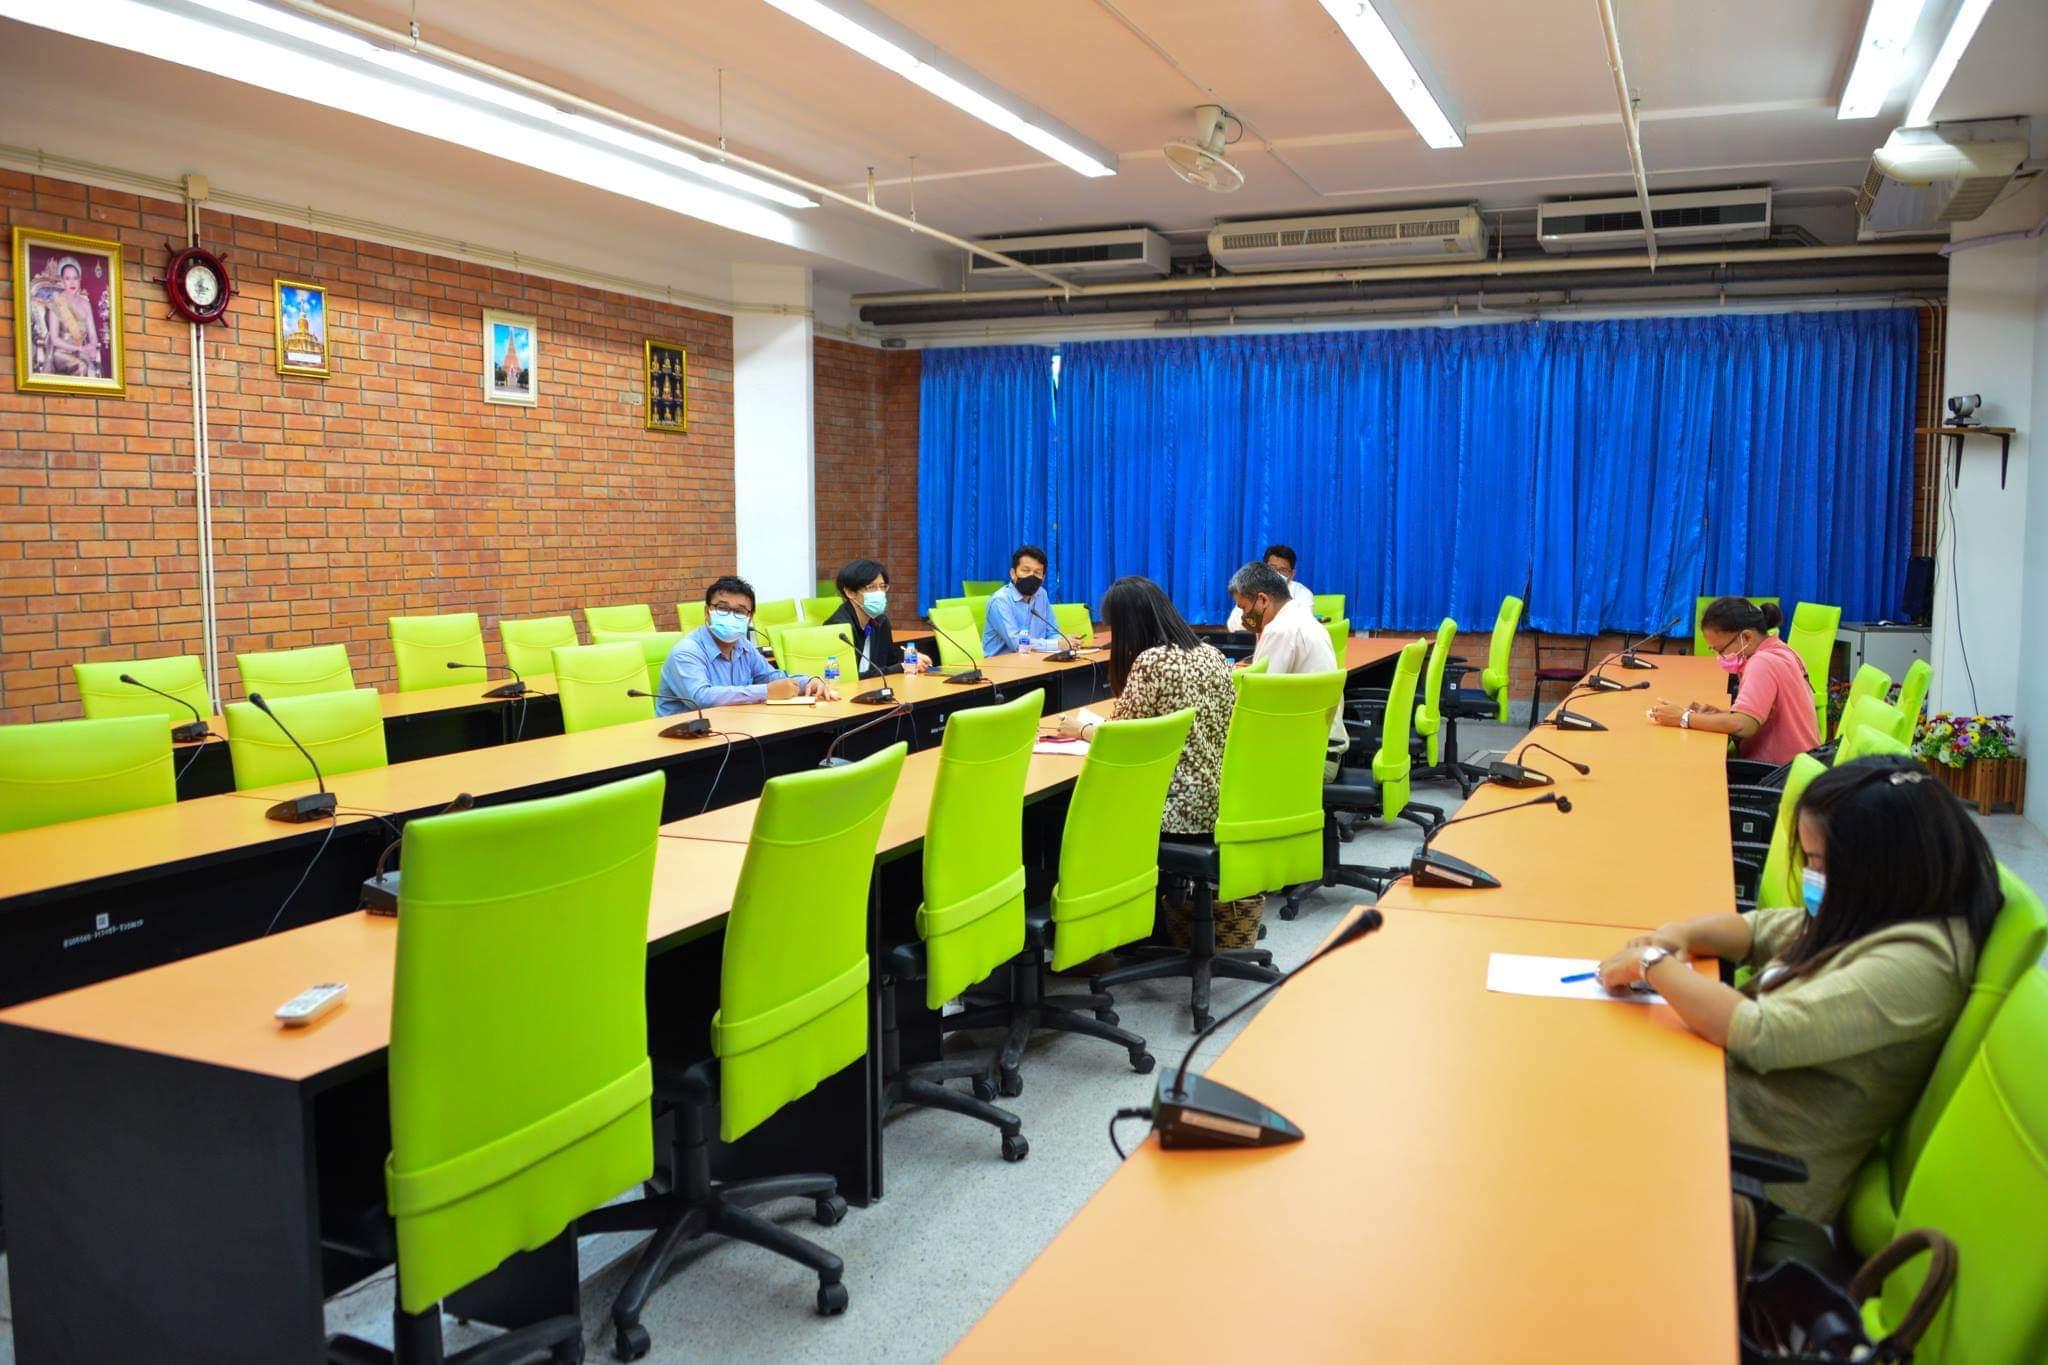 โรงเรียนสาธิตมหาวิทยาลัยมหาสารคาม ทั้งฝ่ายประถมและมัธยมได้ร่วมประชุมกับอธิการบดีเพื่อวางแผนการเปิด